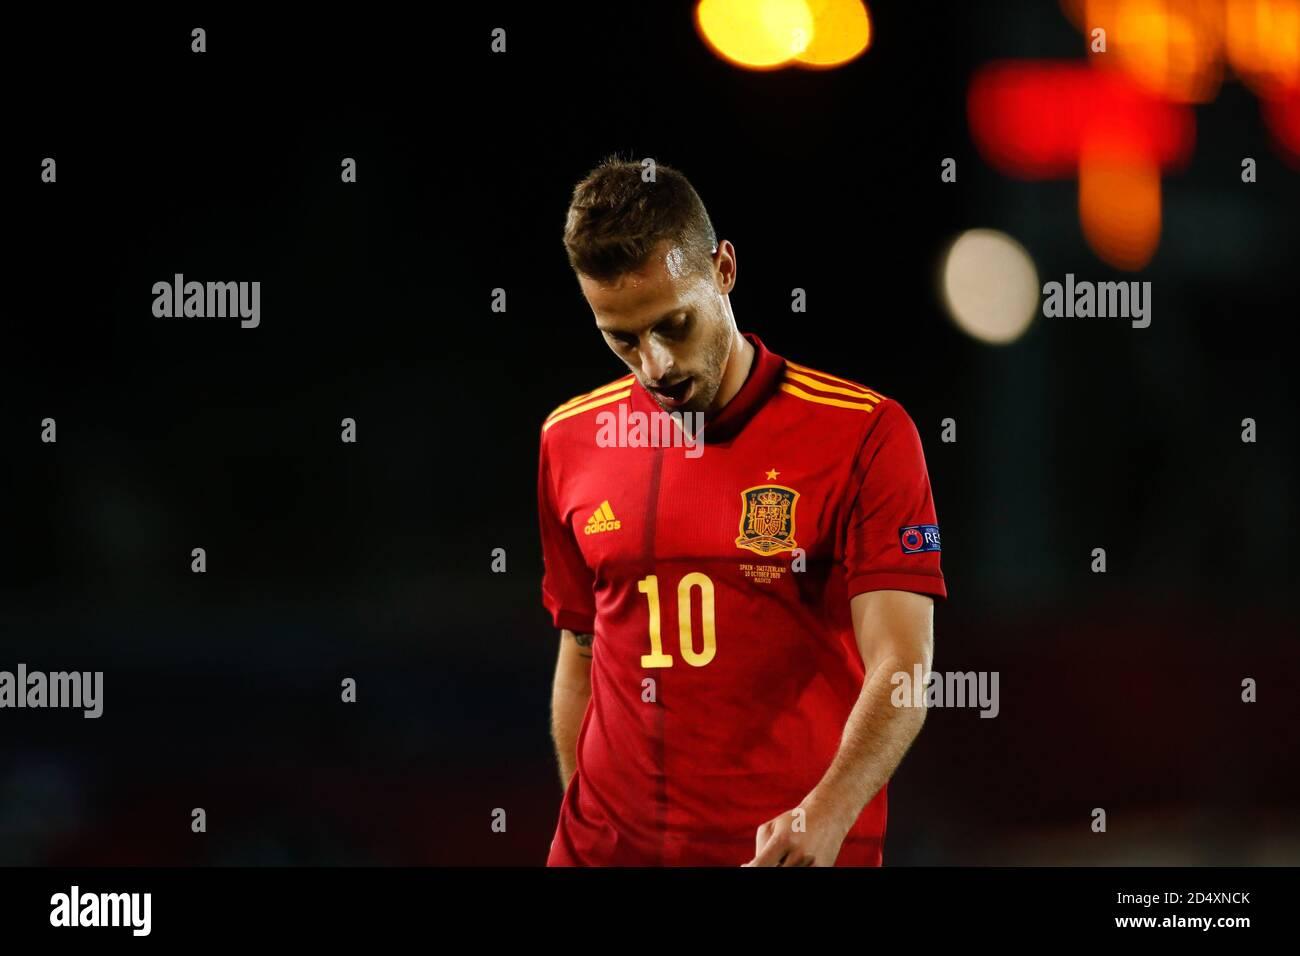 El ergio Canales de España mira durante el partido de fútbol de la Liga de las Naciones de la UEFA entre España y Suiza el 10 de octubre de 2020 en Alfredo Di Stefano Foto de stock